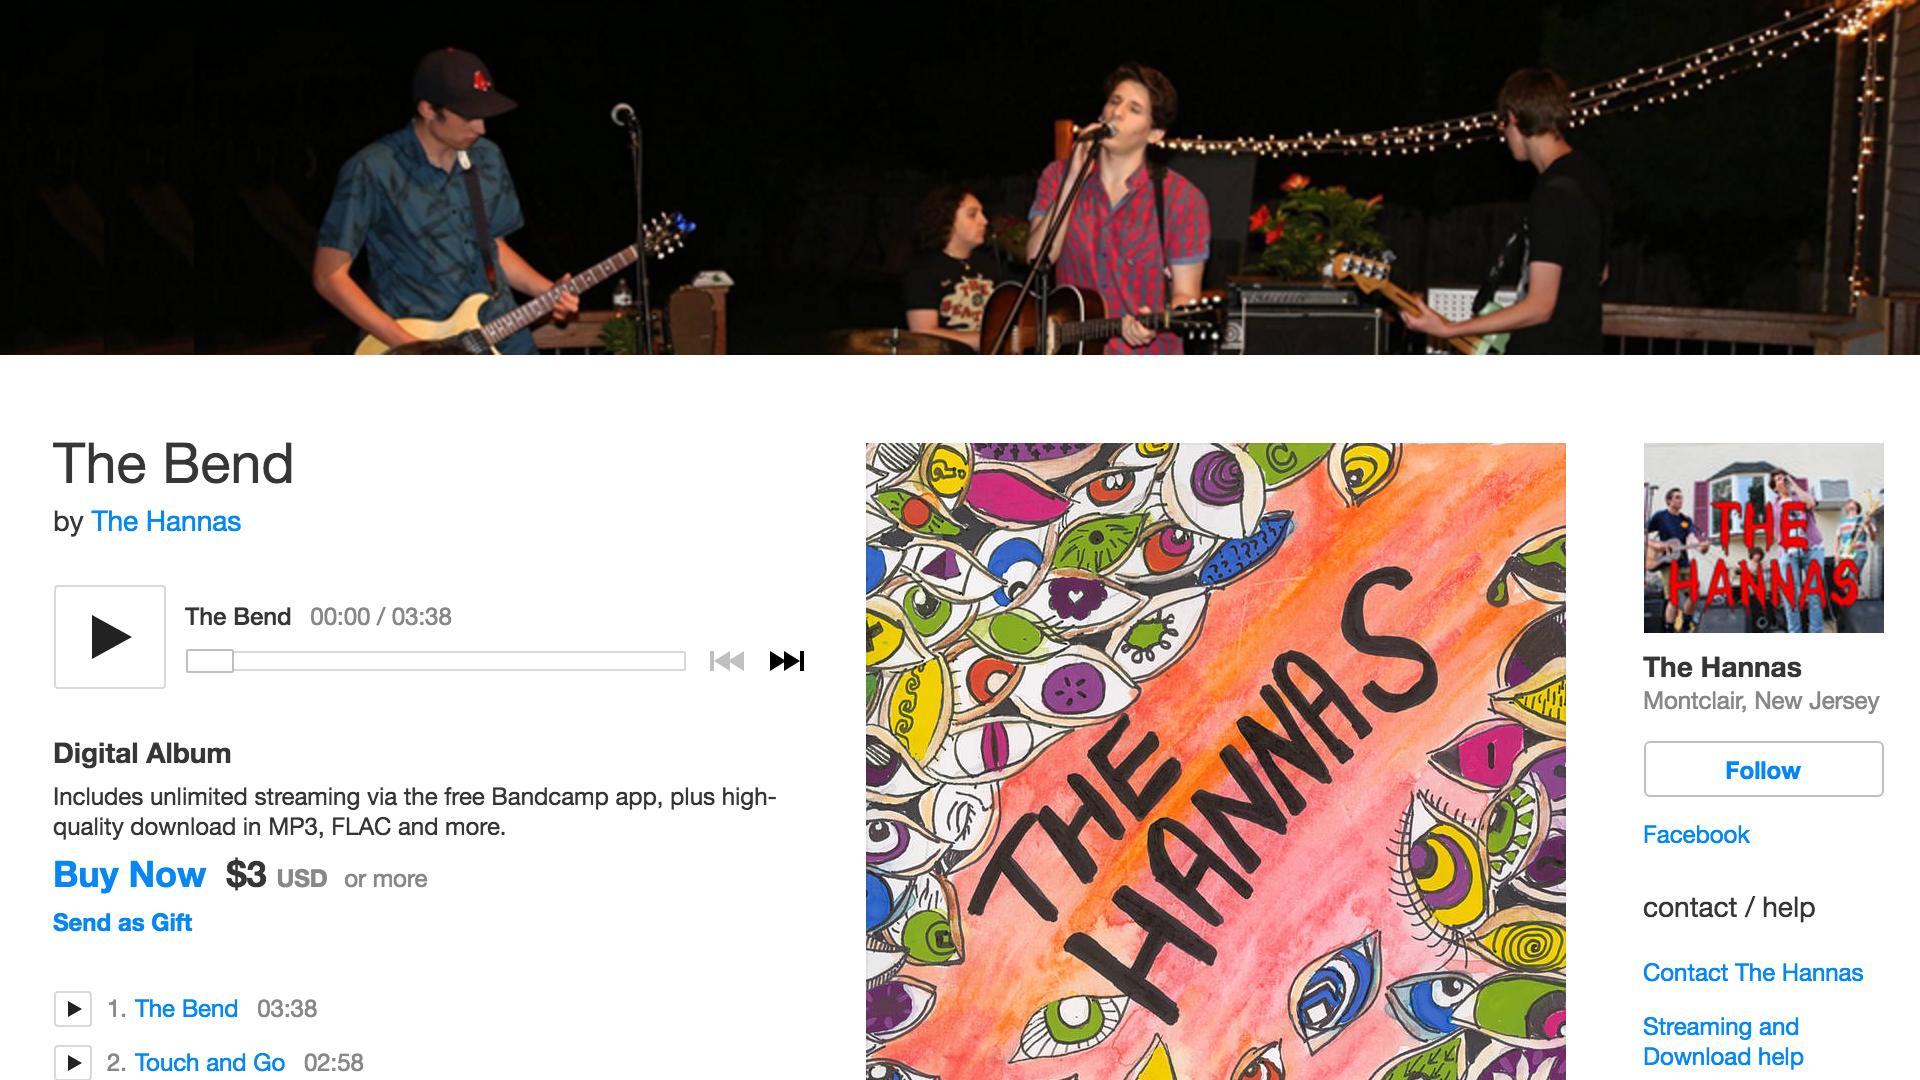 thehannas.bandcamp.com